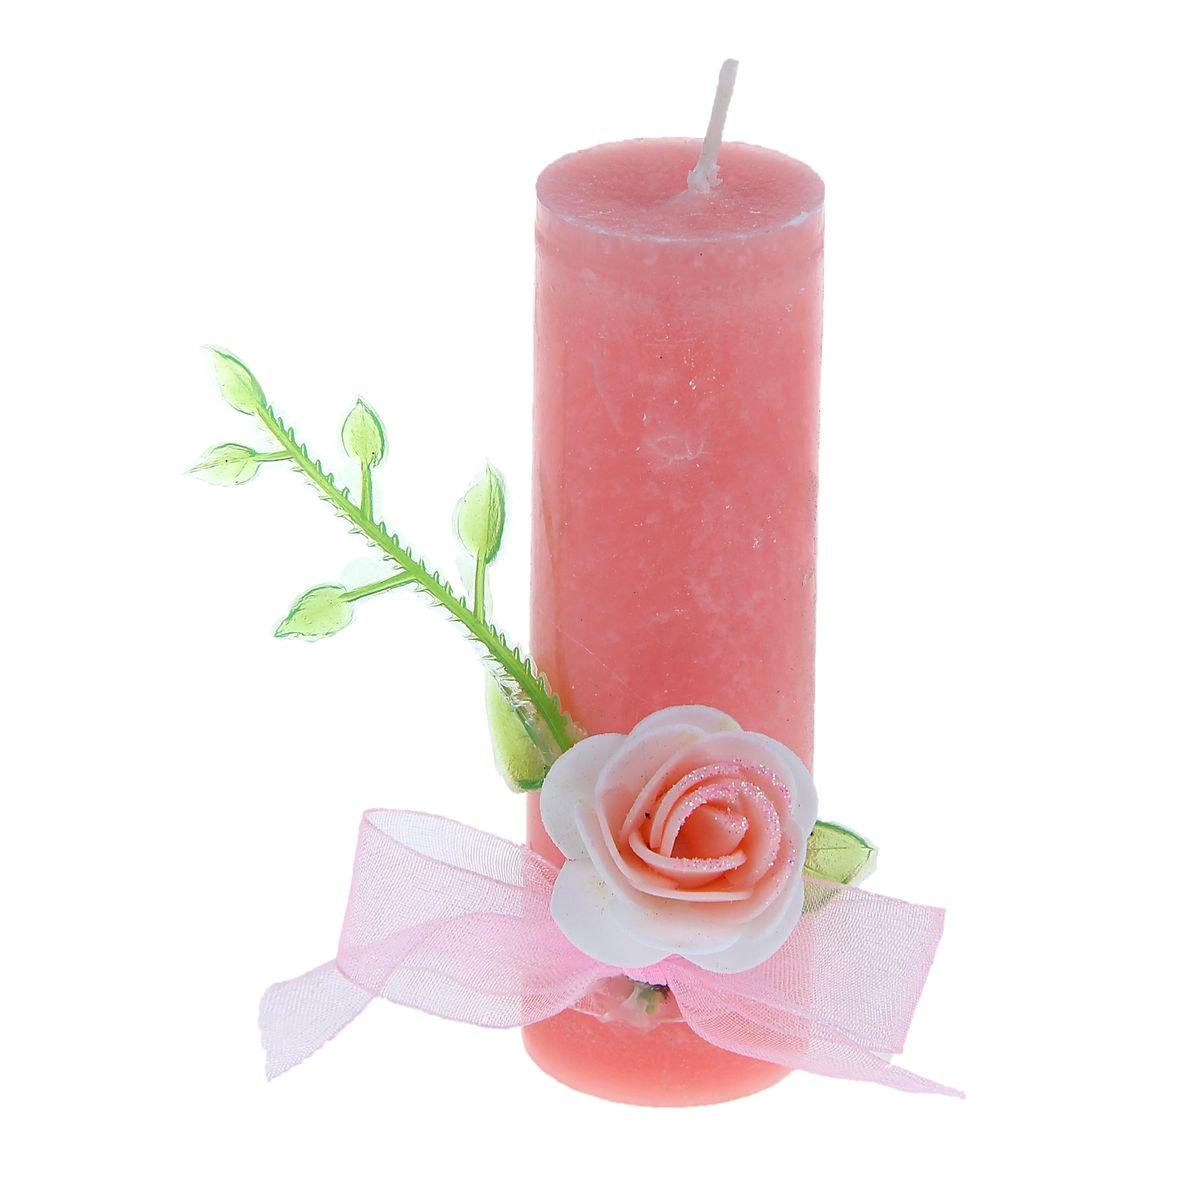 Свеча Sima-land Цветок, цвет: розовый, высота 10,5 см74-0120Свеча Sima-land Цветок выполнена из воска в виде столбика и оформлена цветочным декором. Изделие порадует ярким дизайном и оригинальностью. Создайте для себя и своих близких незабываемую атмосферу праздника в доме. Свеча Sima-land Цветок может стать не только отличным подарком, но и гарантией хорошего настроения, ведь это красивая вещь из качественного, безопасного для здоровья материала.